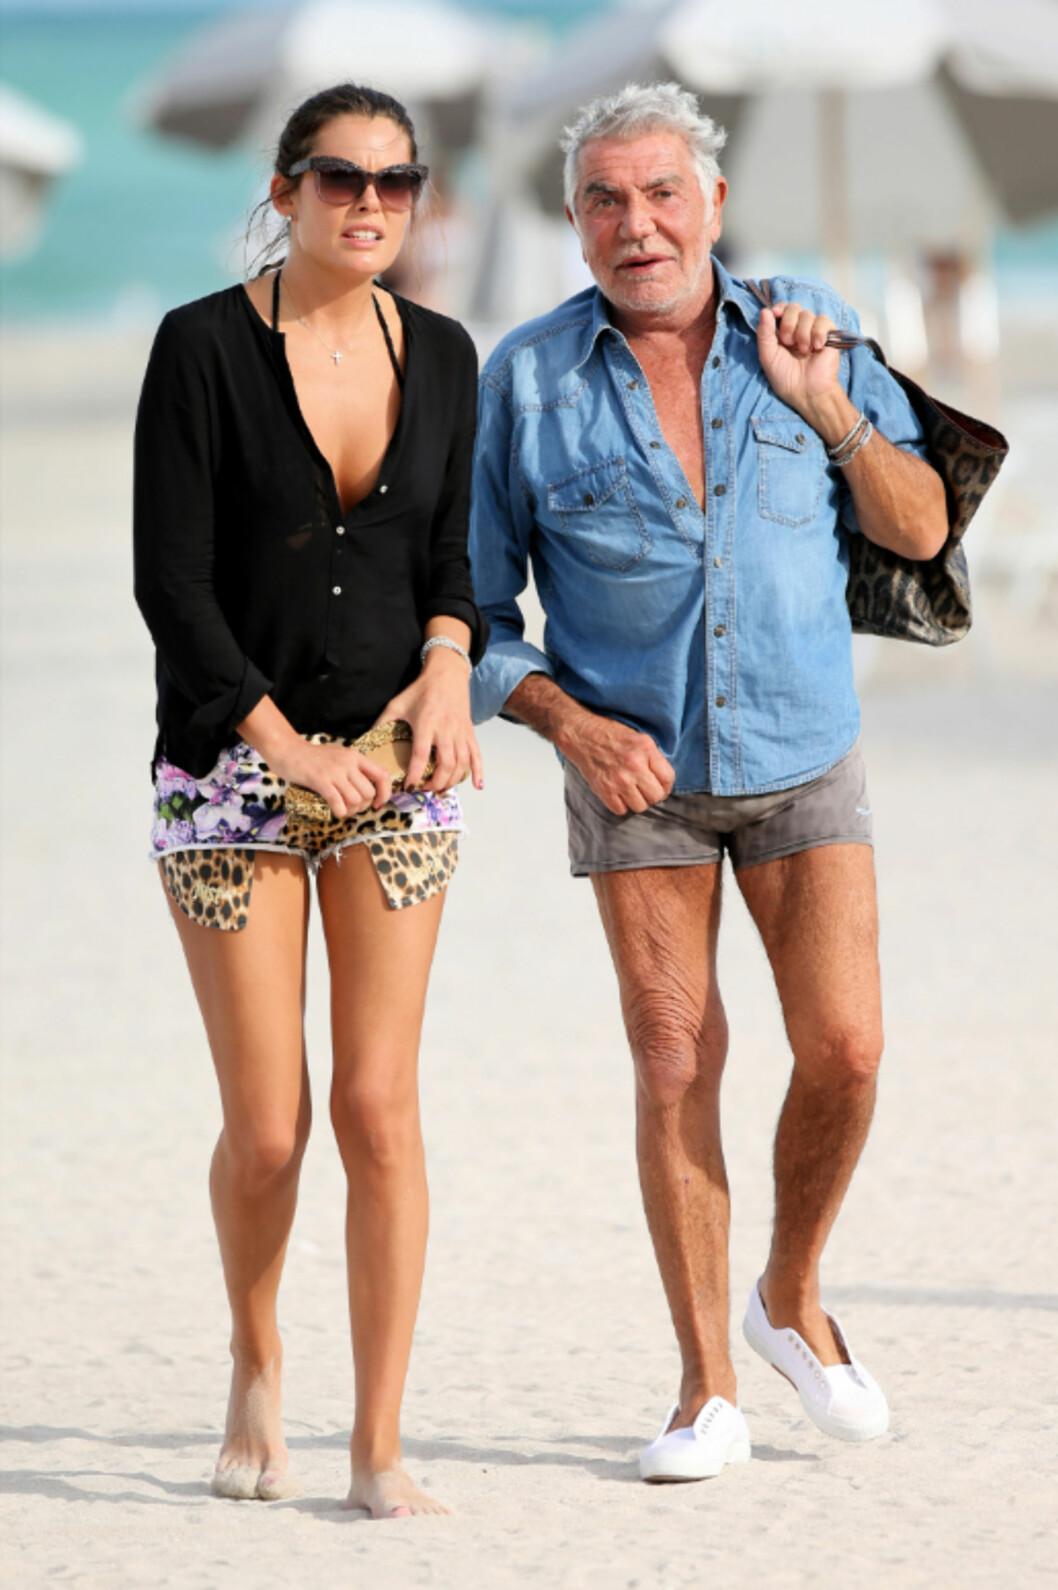 ALDERSFORSKJELL: Moteskaper Roberto Cavalli med kjæresten Lina Nilson på Miami Beach i Florida. Hun er i 20-årene. Han er 73! Foto: All Over